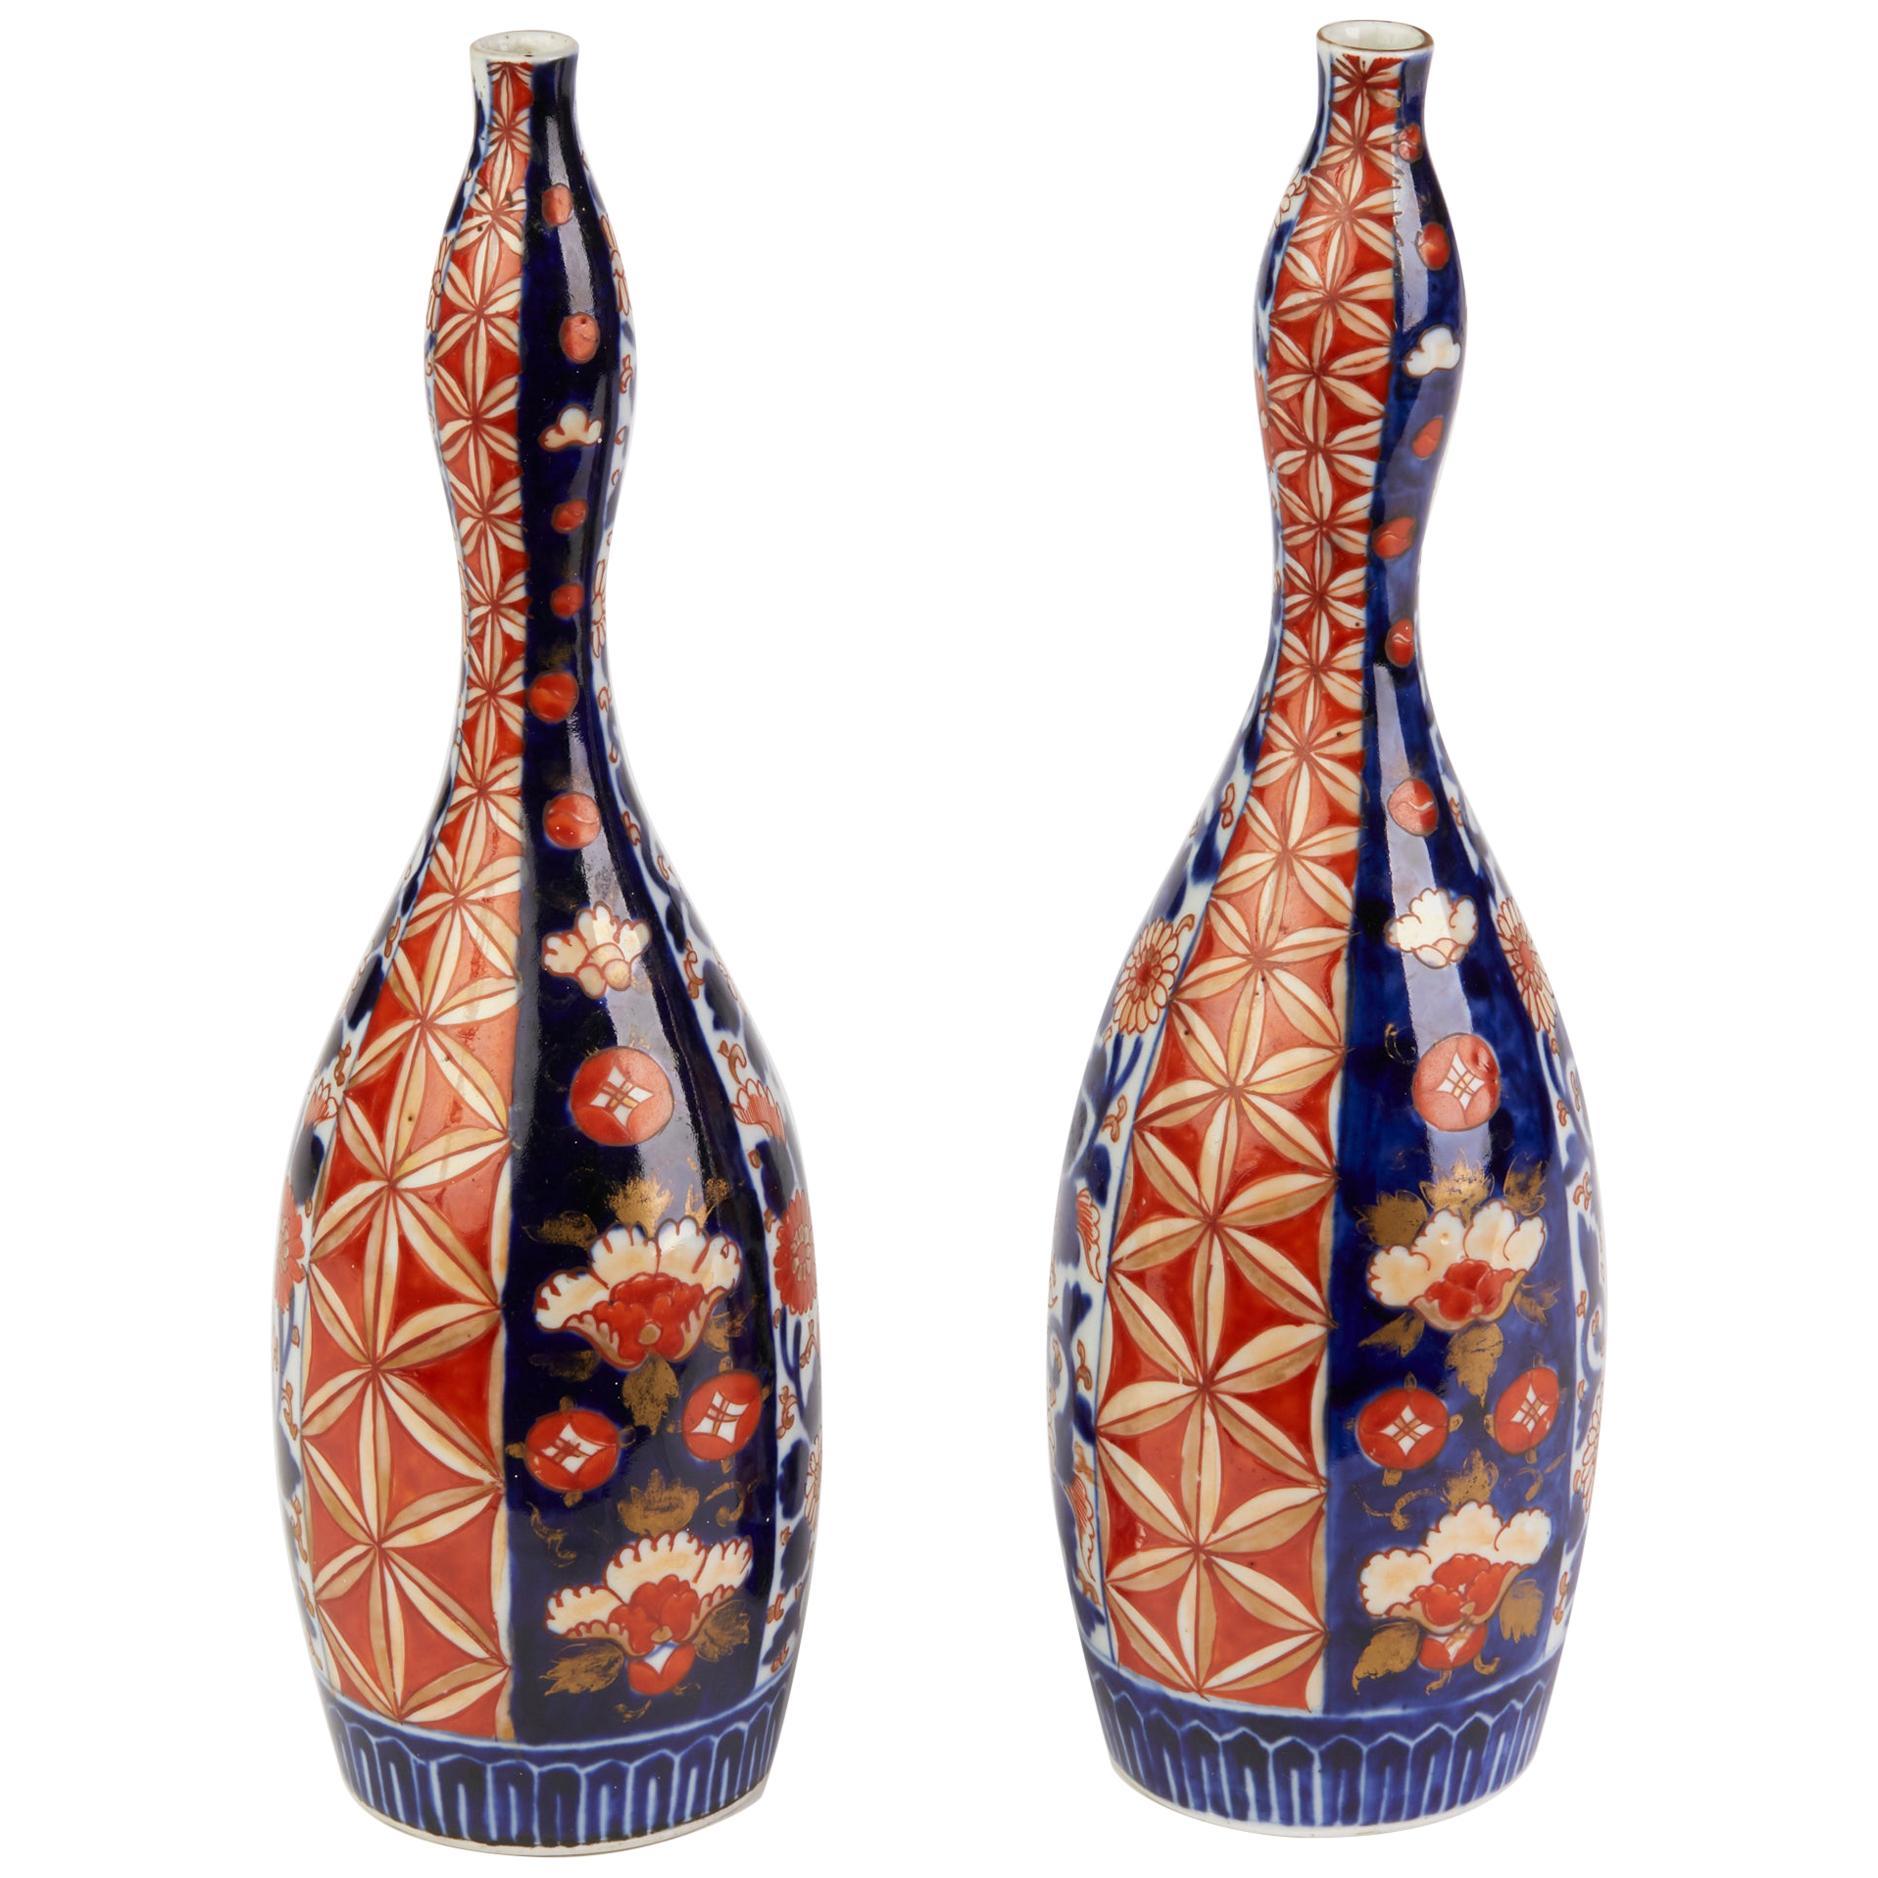 Japanese Pair of Meiji Double Gourd Imari Bottle Shaped Vases